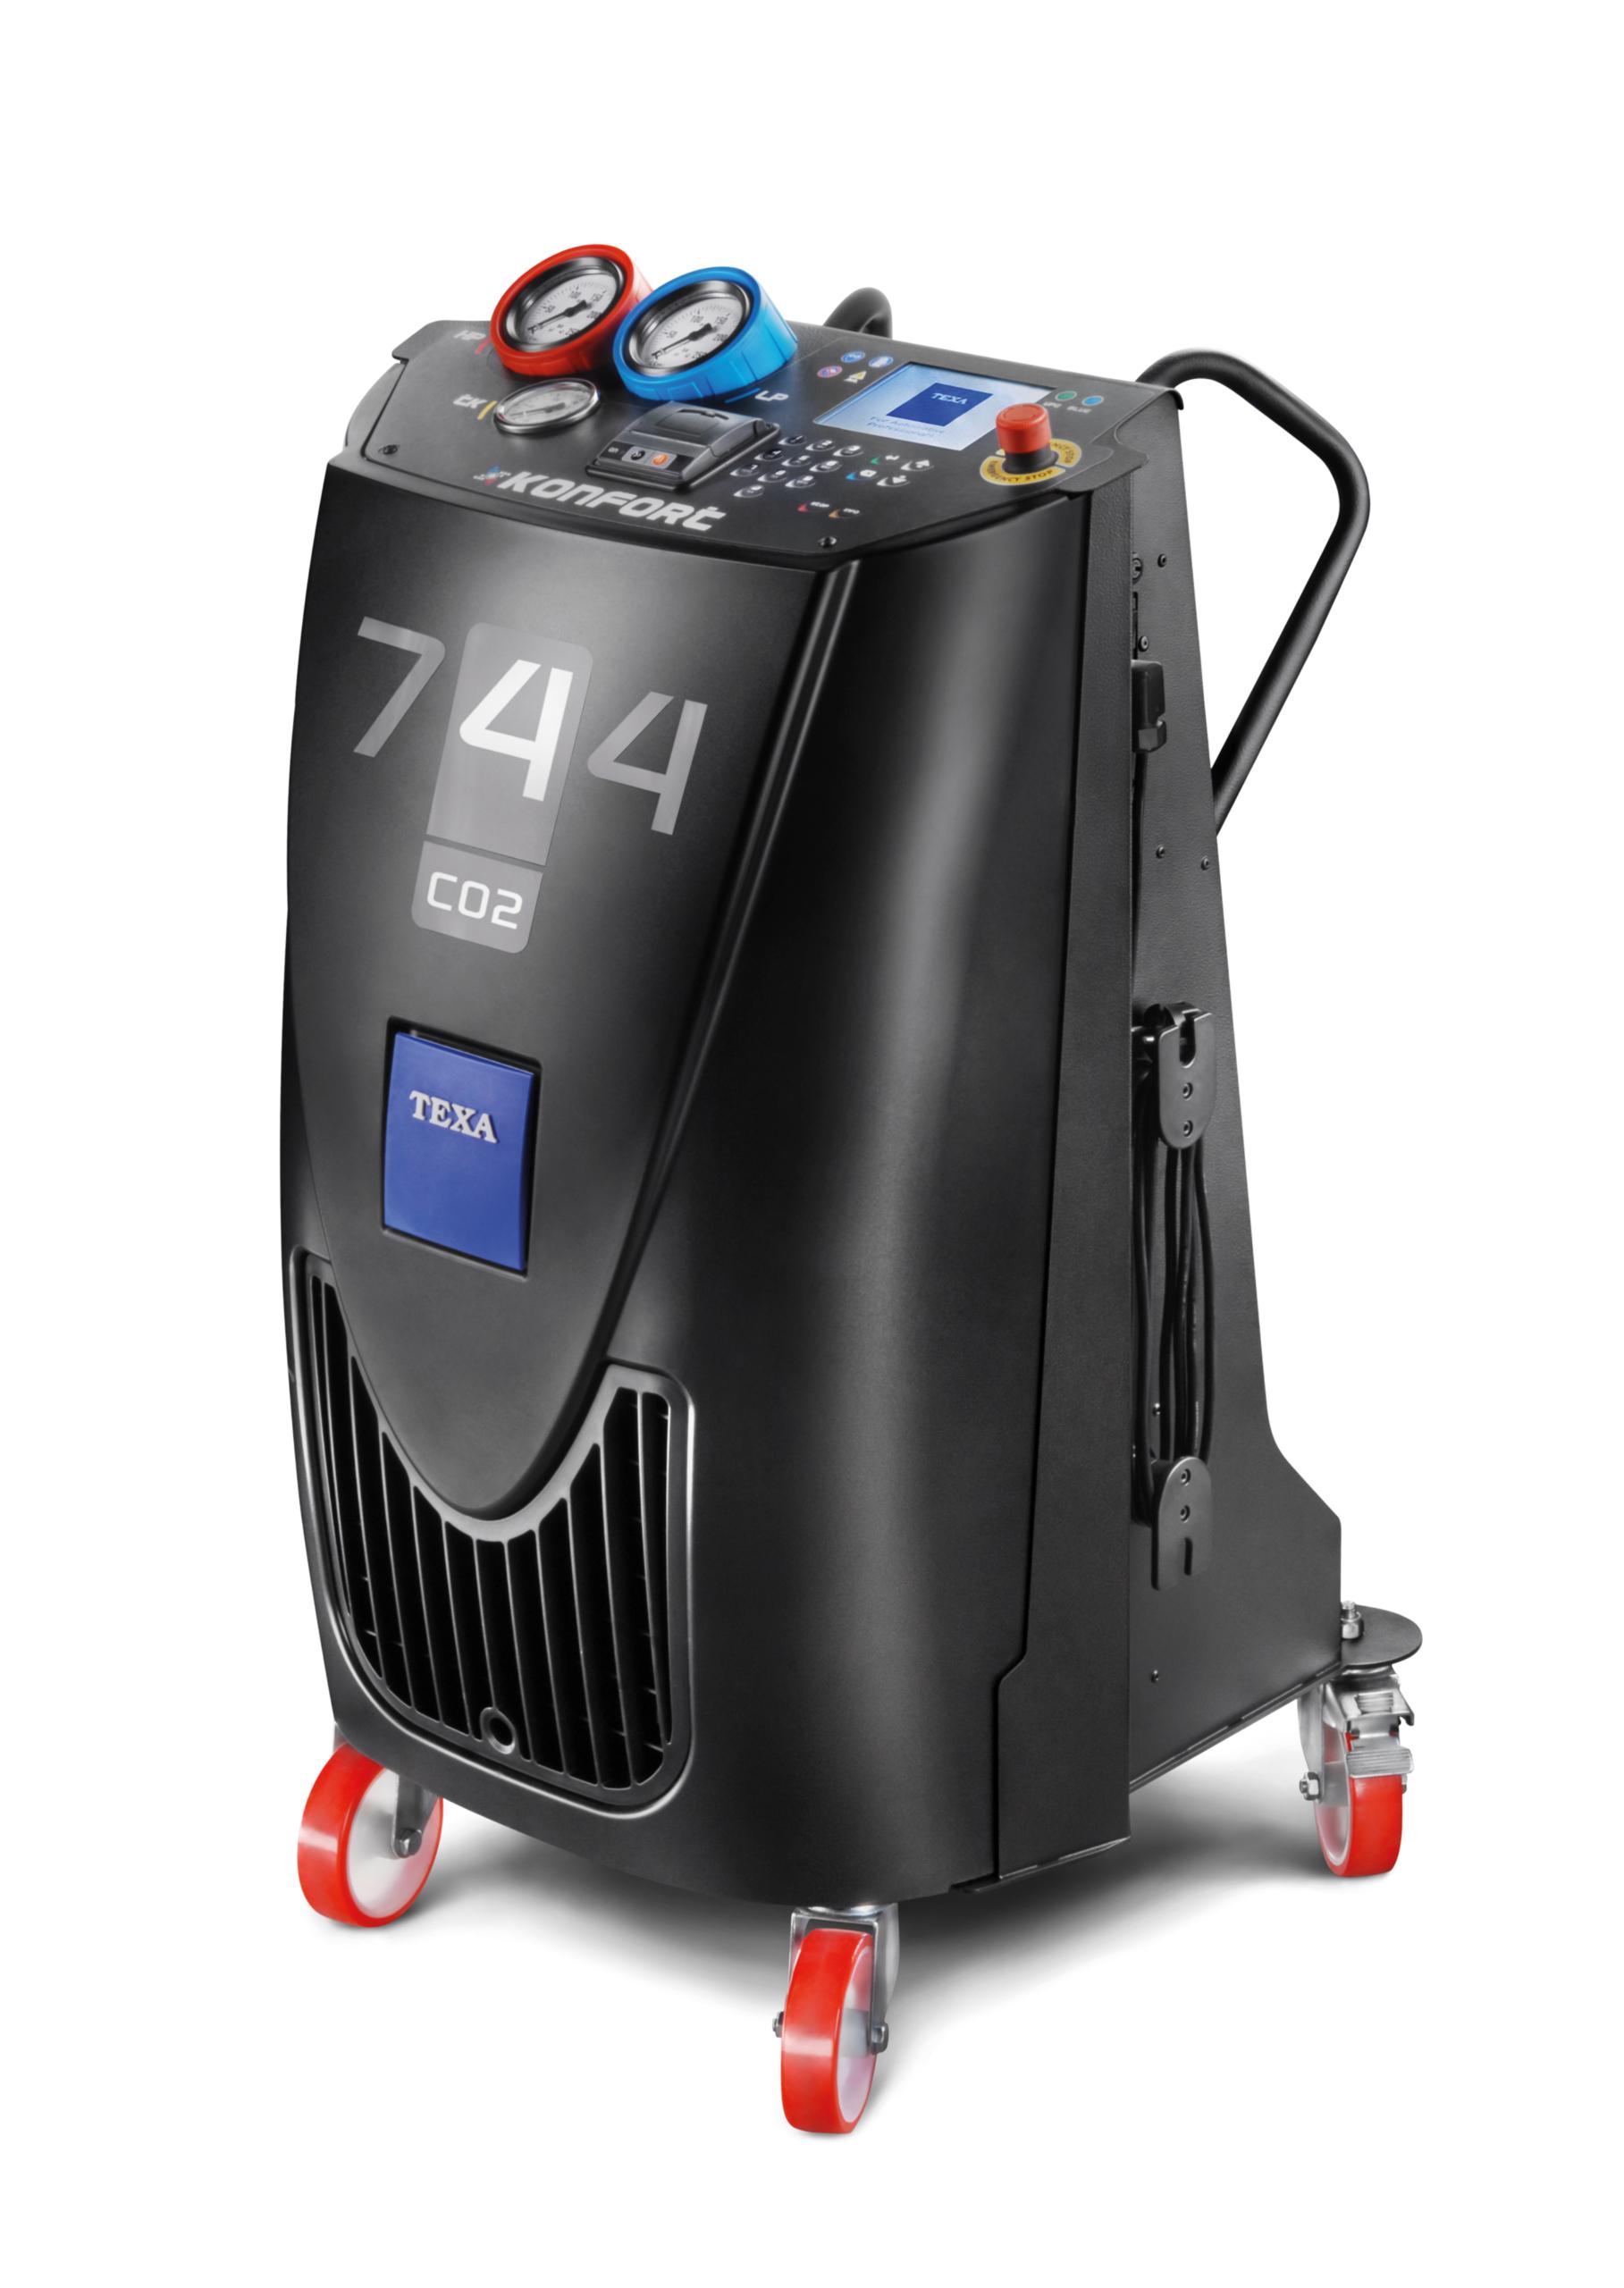 TEXA 744 CO2 airco